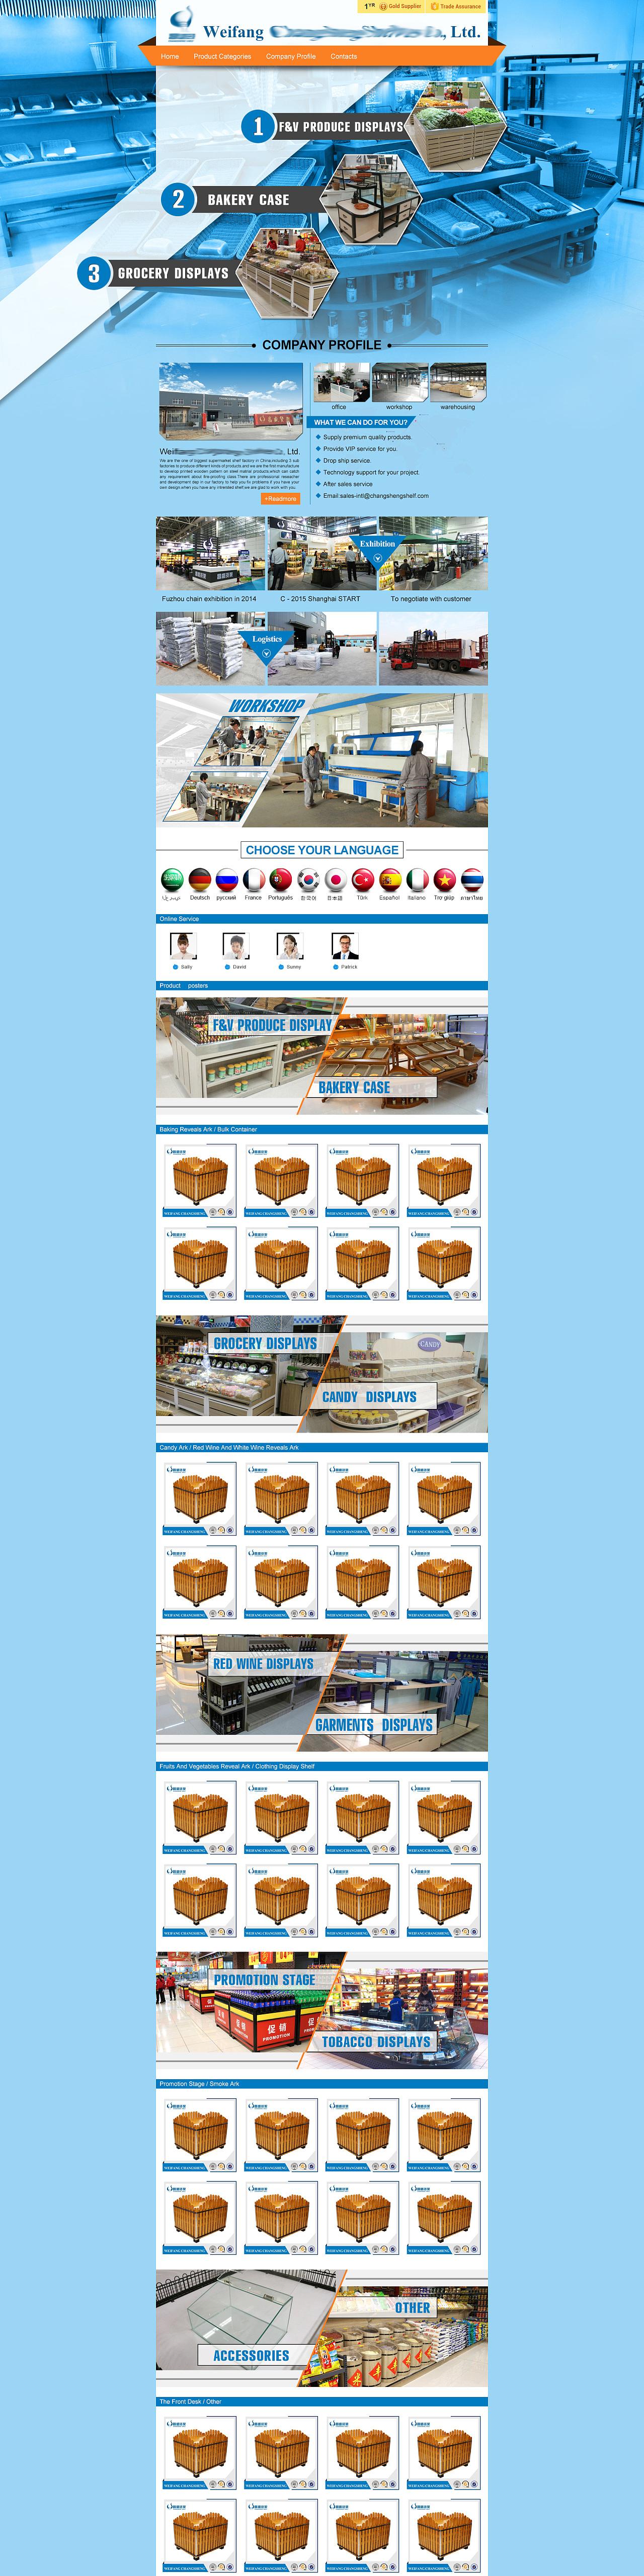 里巴巴旺铺_阿里巴巴国际站旺铺首页设计|网页|电商|blueghost1988-原创作品